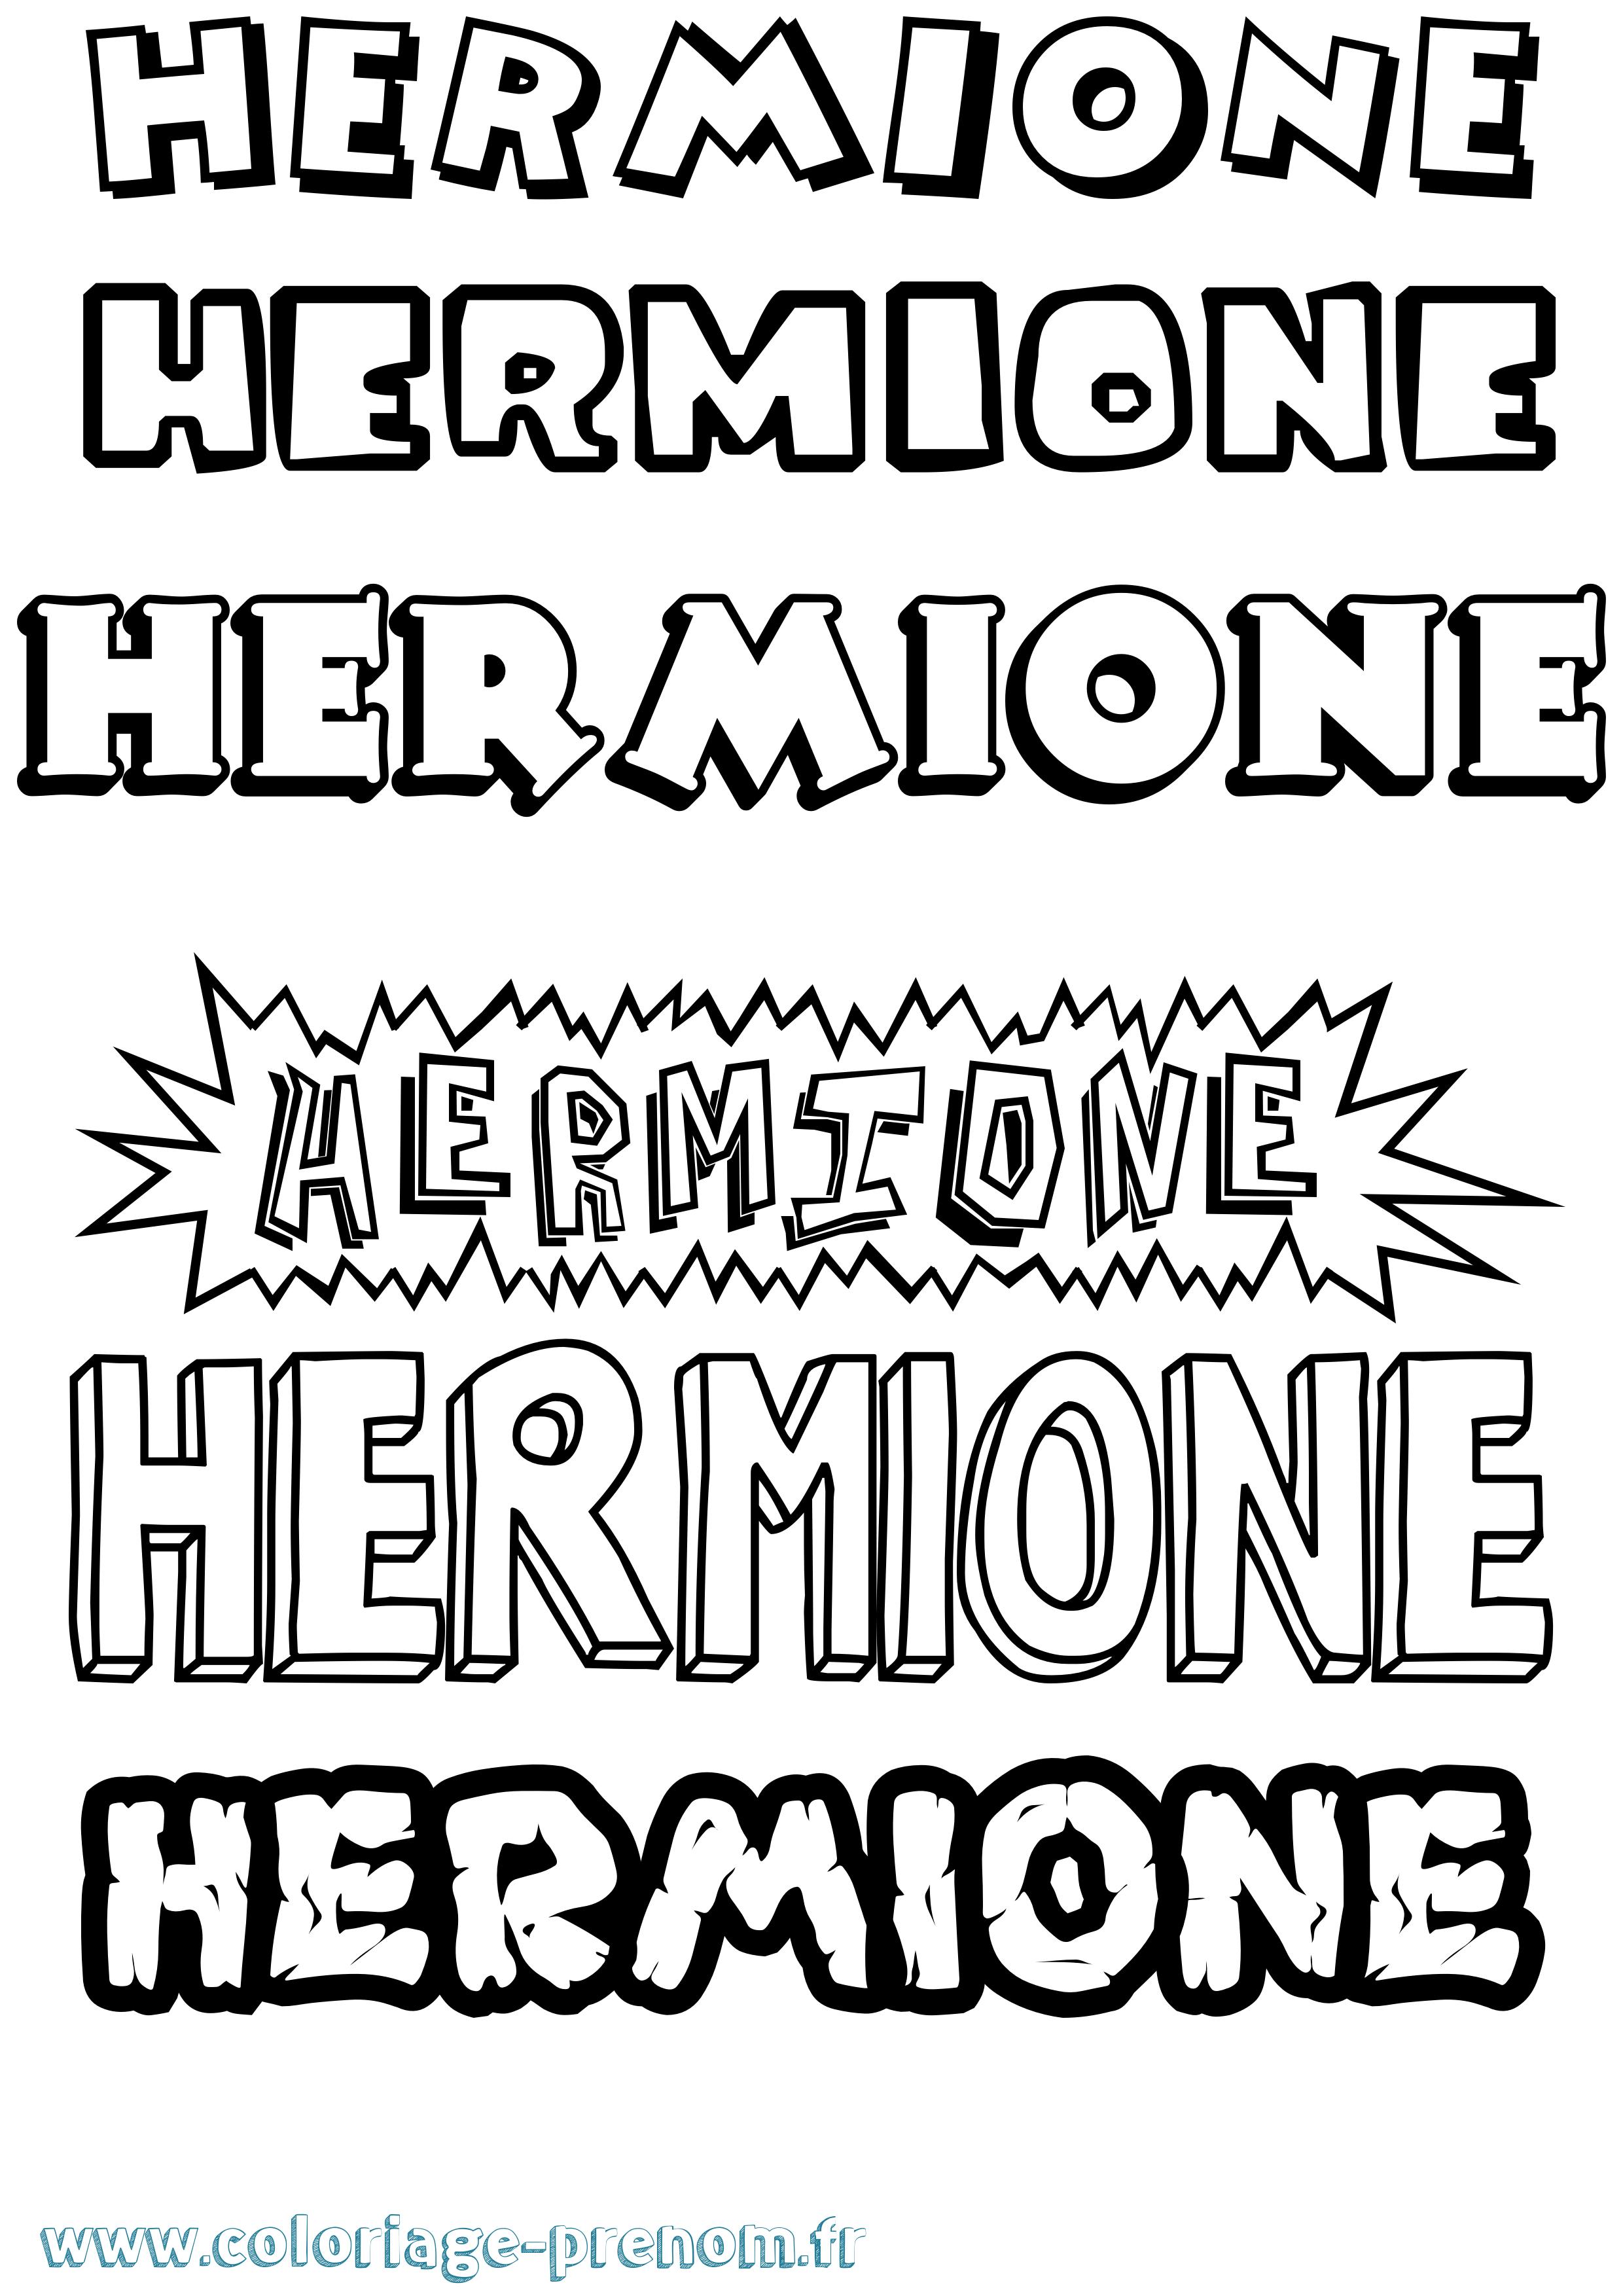 Coloriage du prénom Hermione : à Imprimer ou Télécharger ...